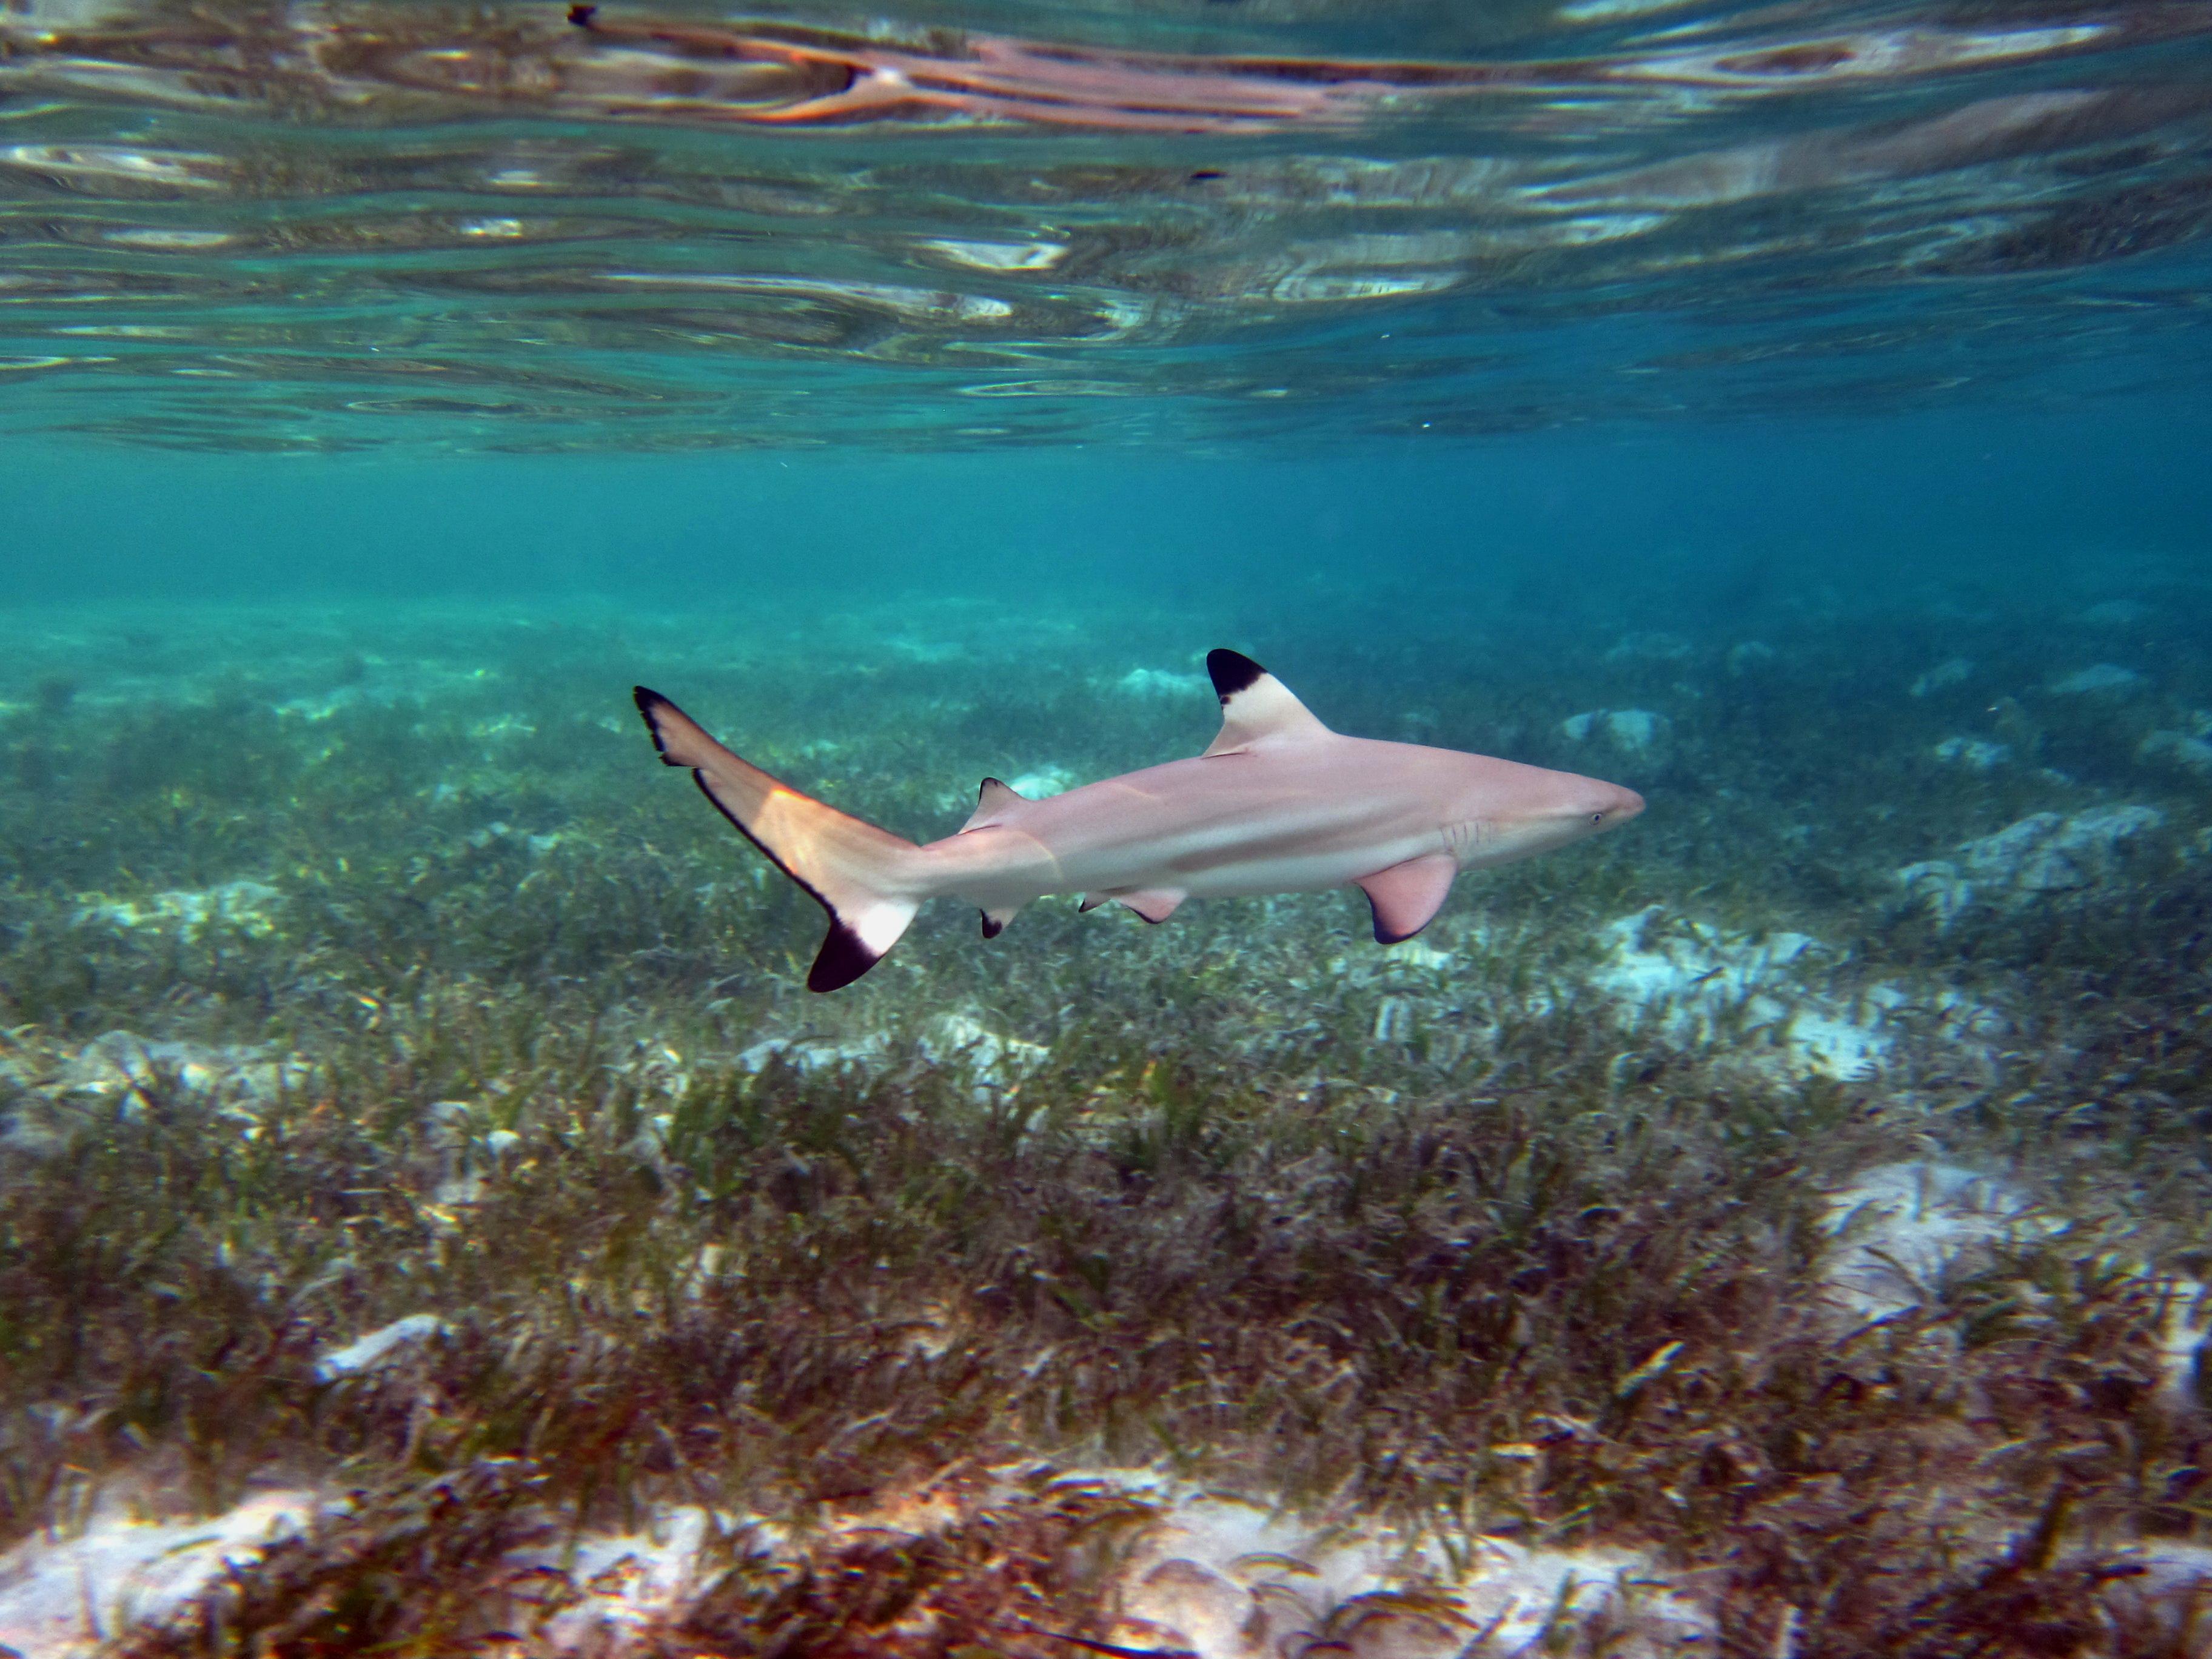 основное египетские акулы фото сразу несколько